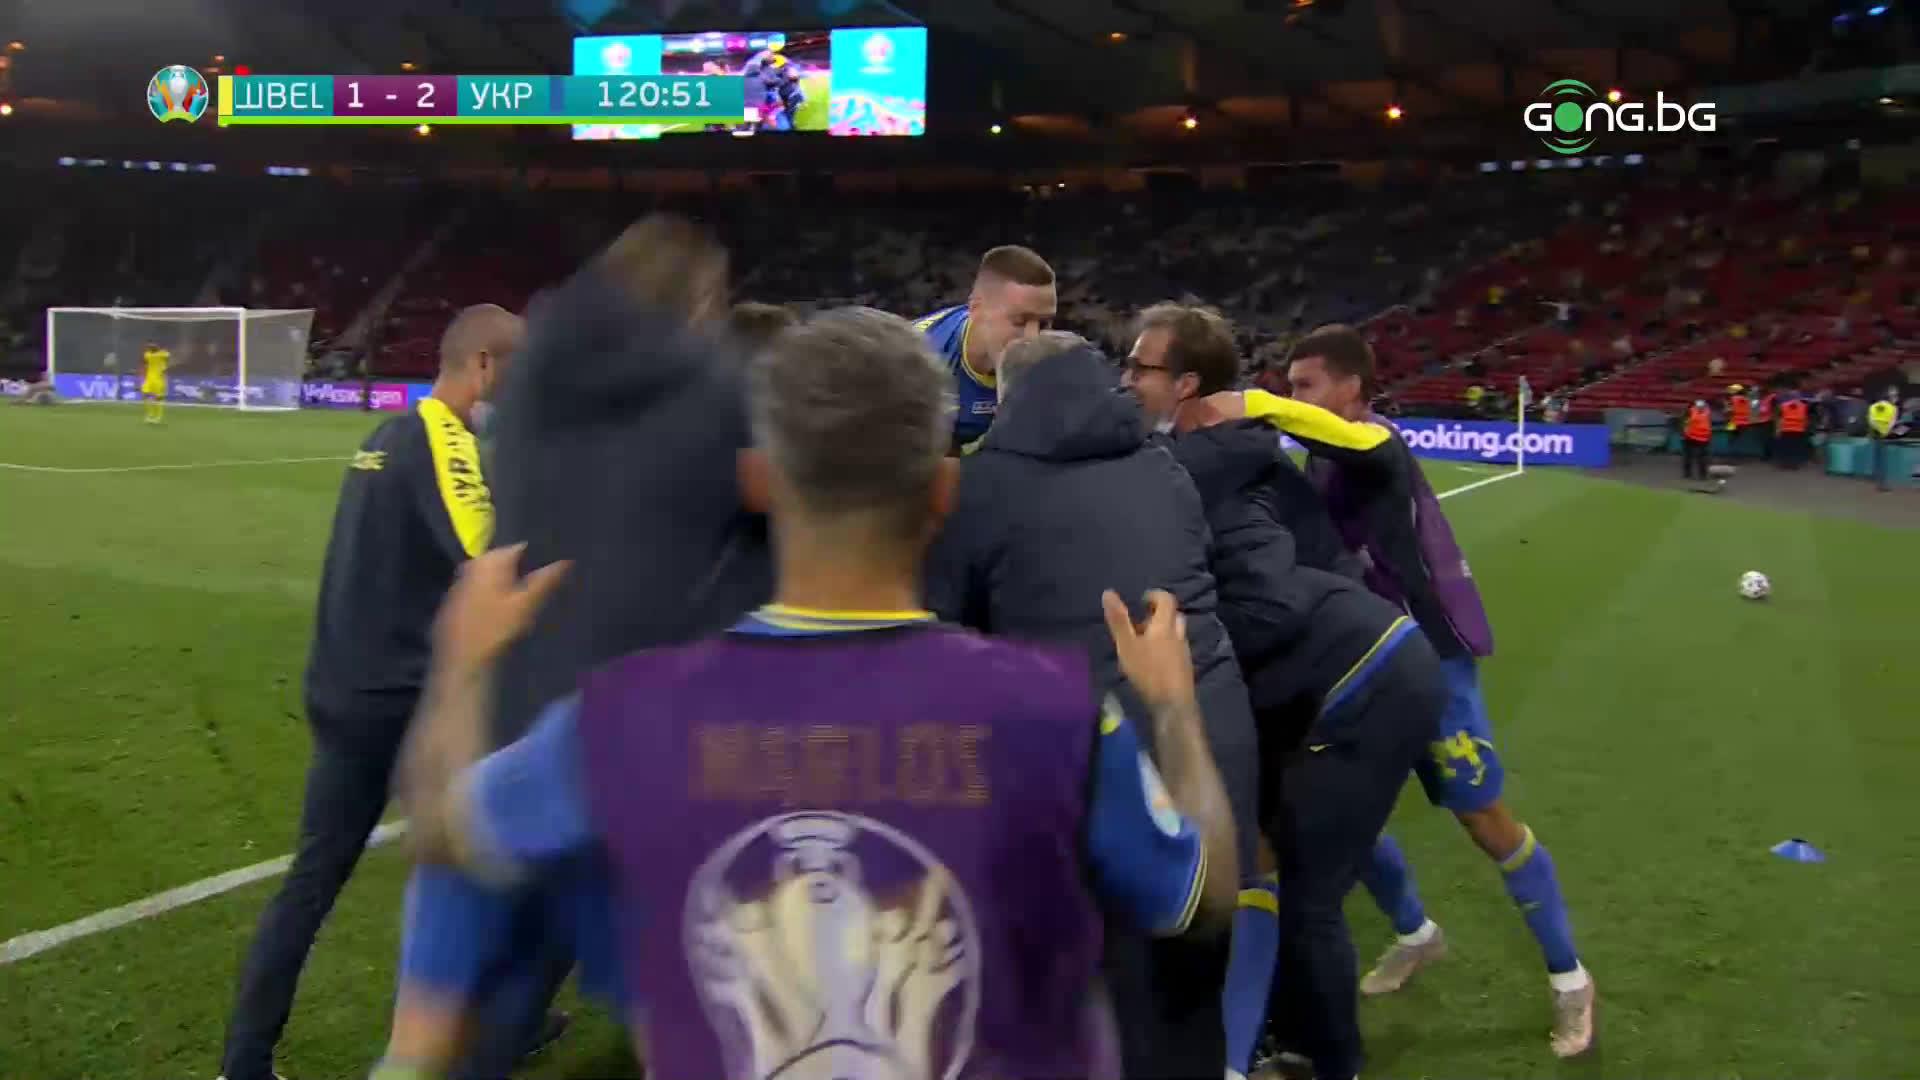 Драмата е пълна! Украйна е на 1/4-финал след гол в 120-ата минута!